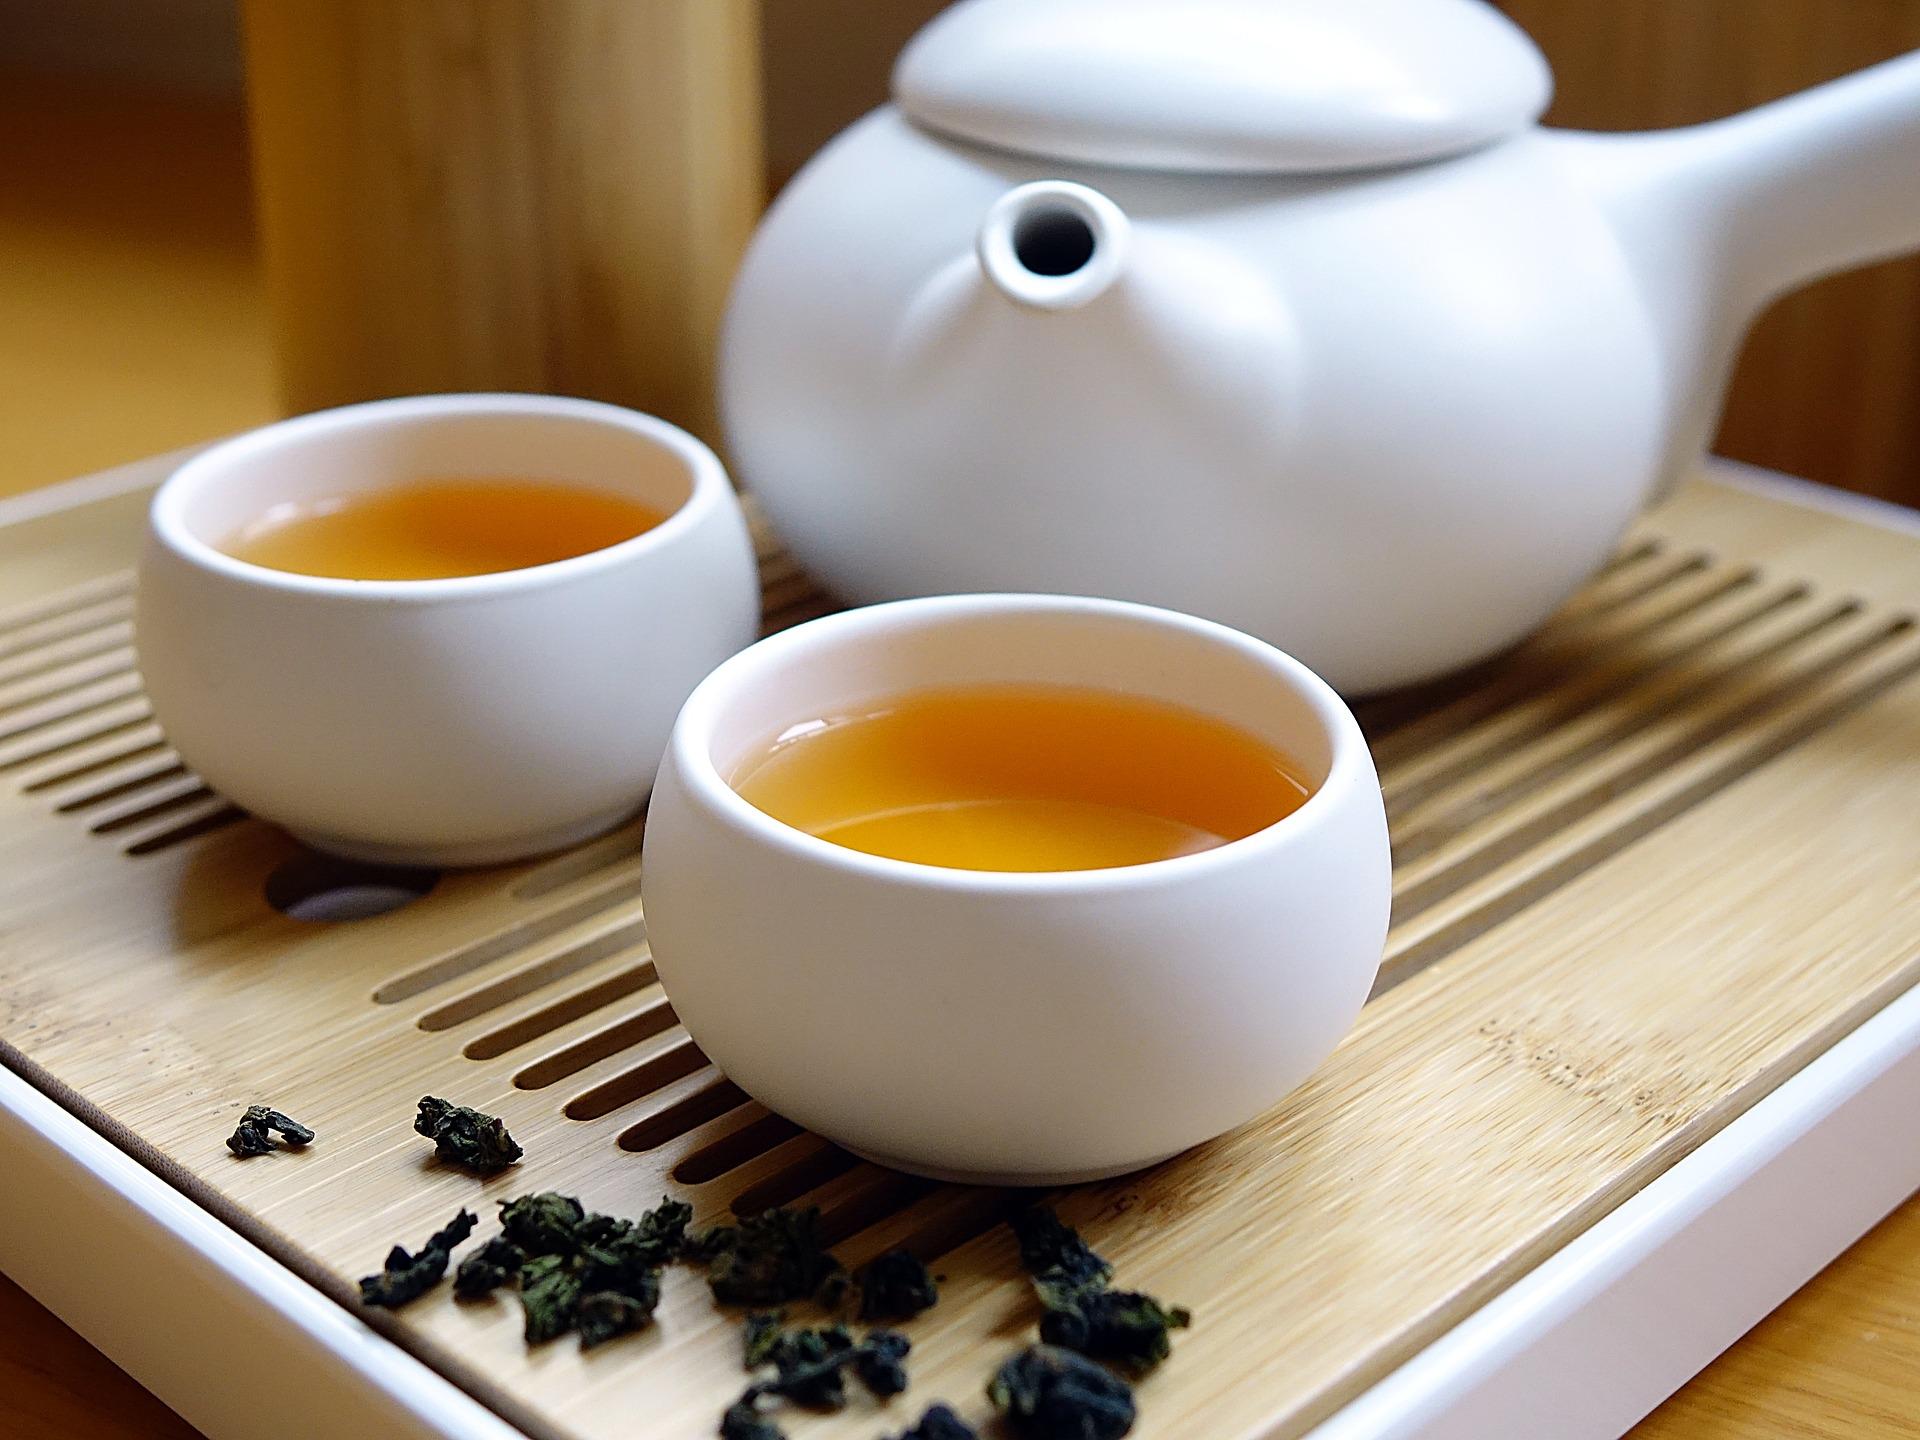 أضرار شاي التنحيف الصيني